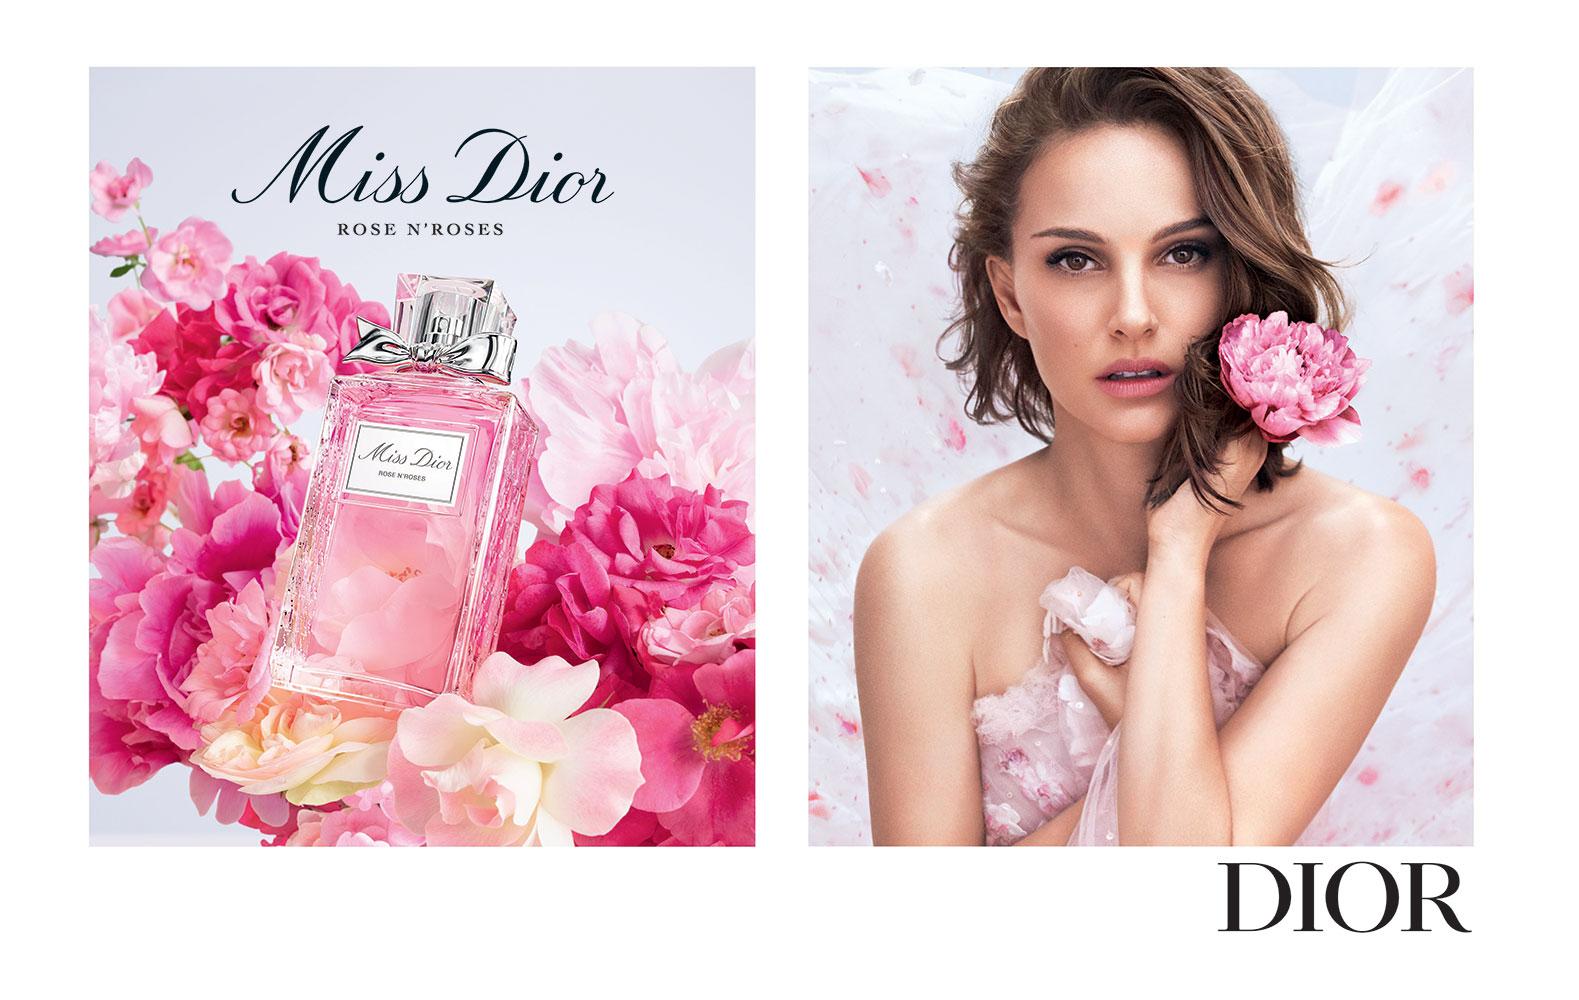 Miss Dior Rose N' Roses, hương nước hoa hồng thanh nhã cho hè